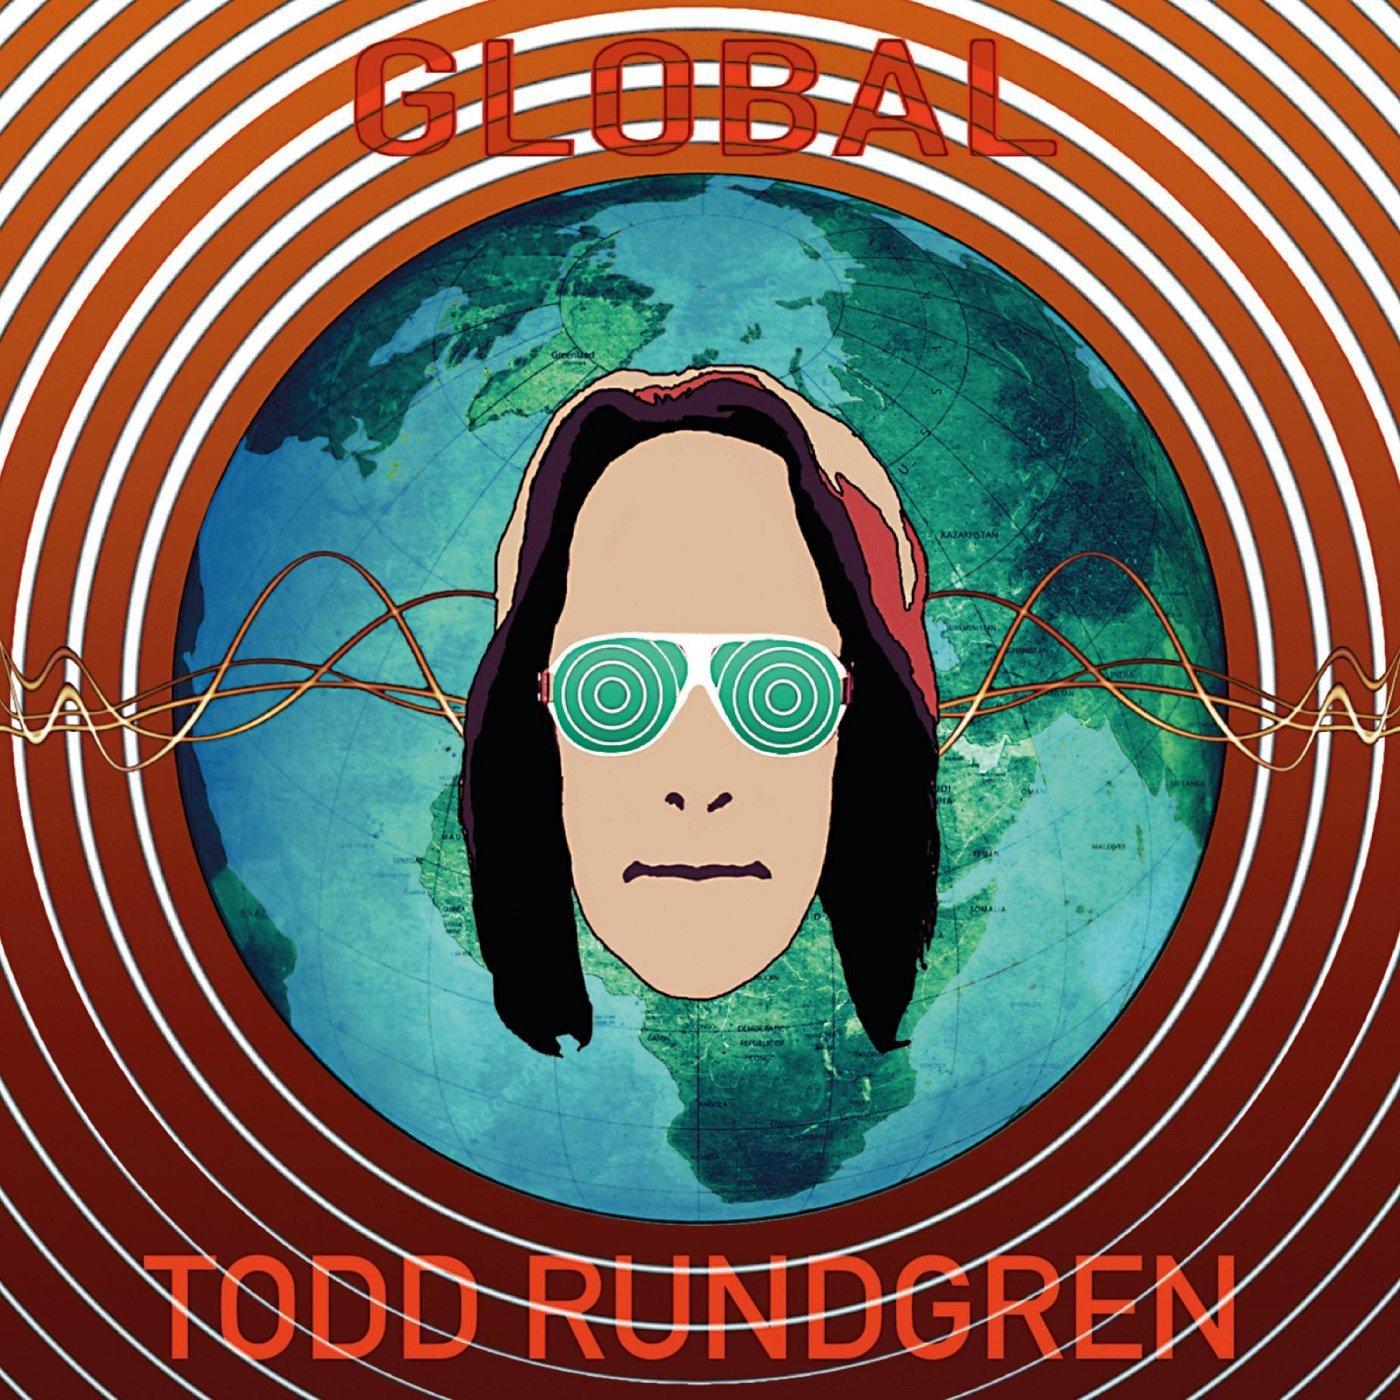 Todd Rundgren - Global (LP Vinyl)